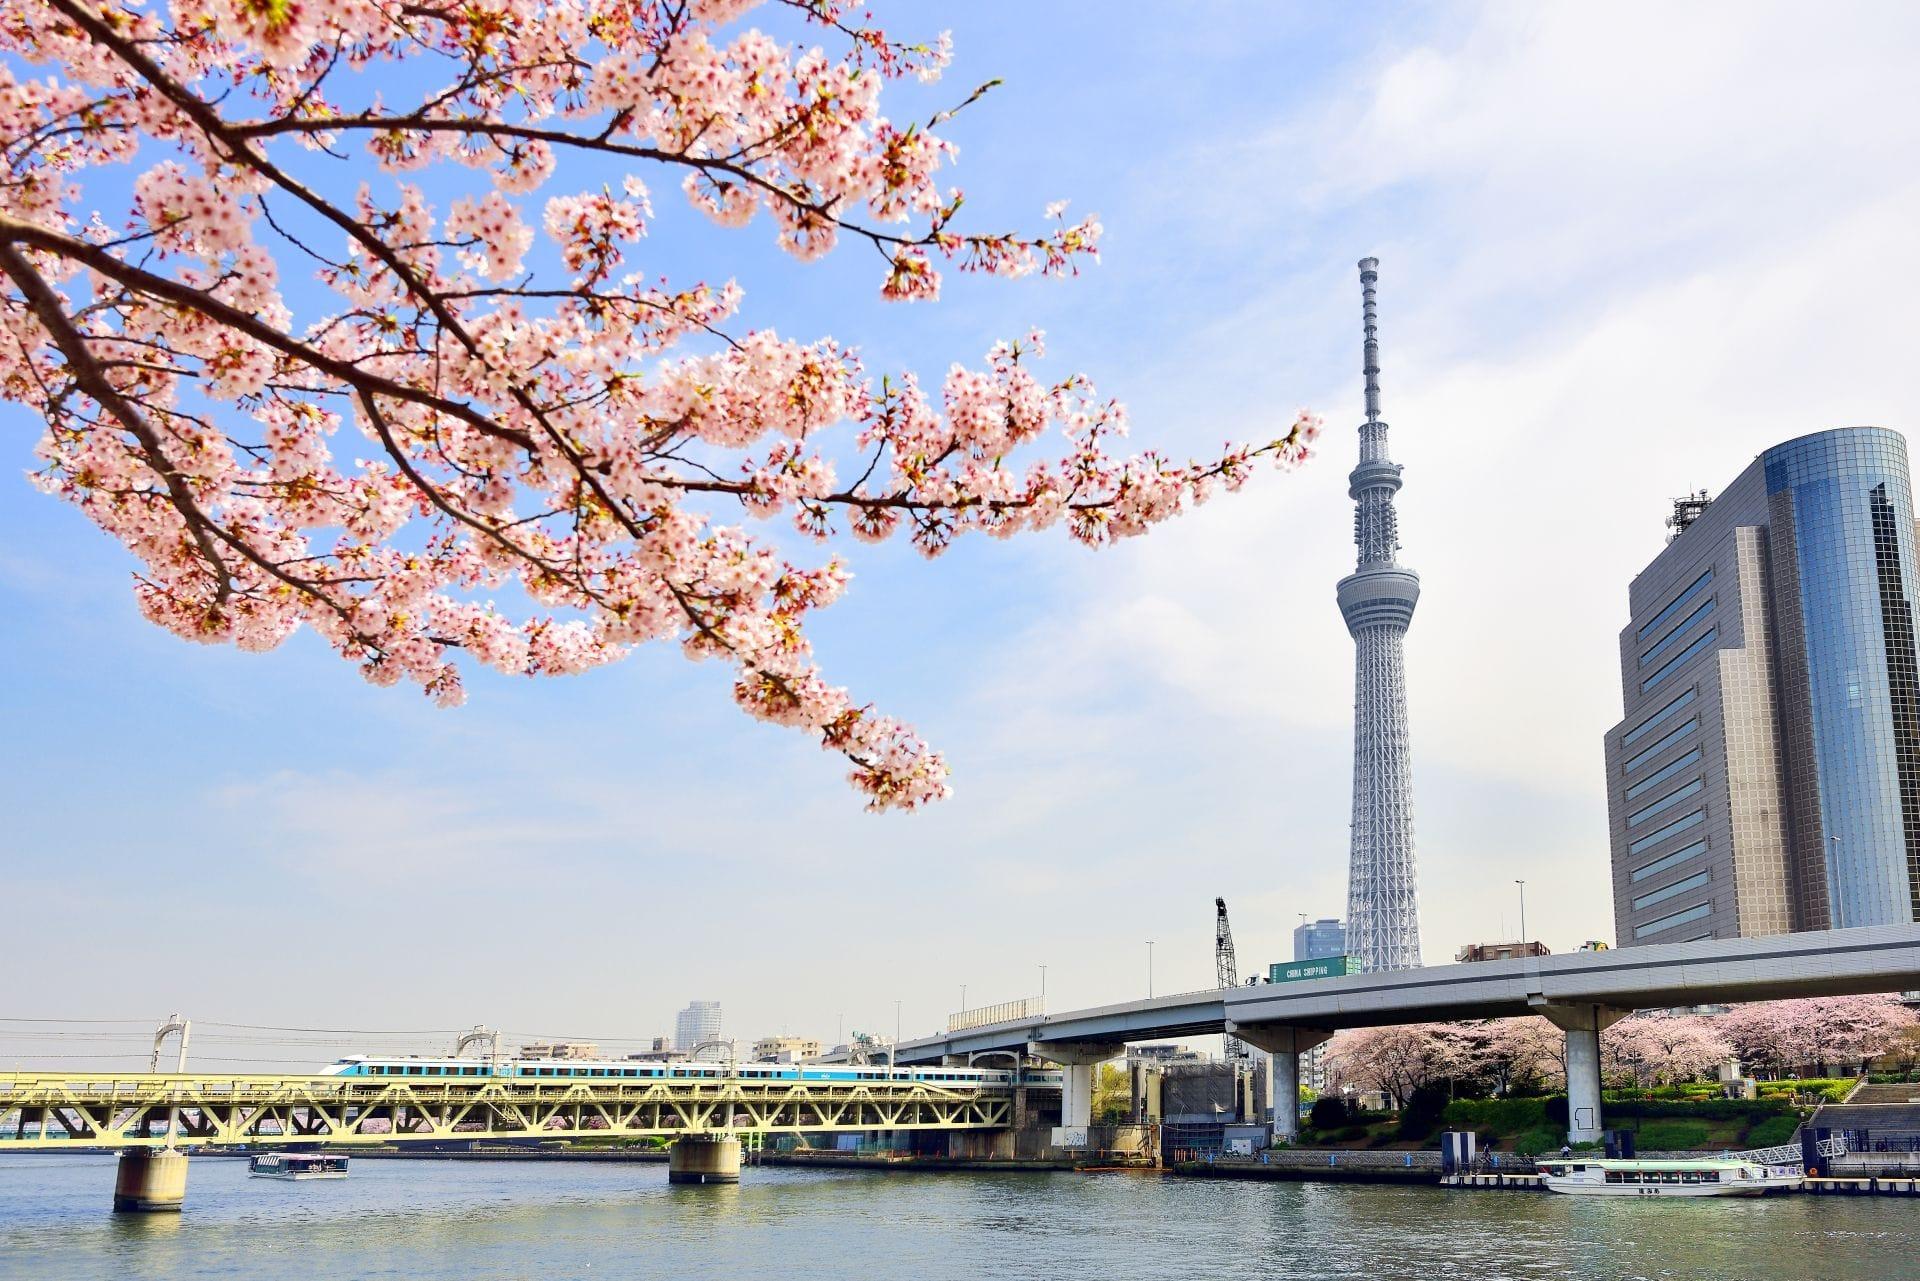 日本必看景點28選